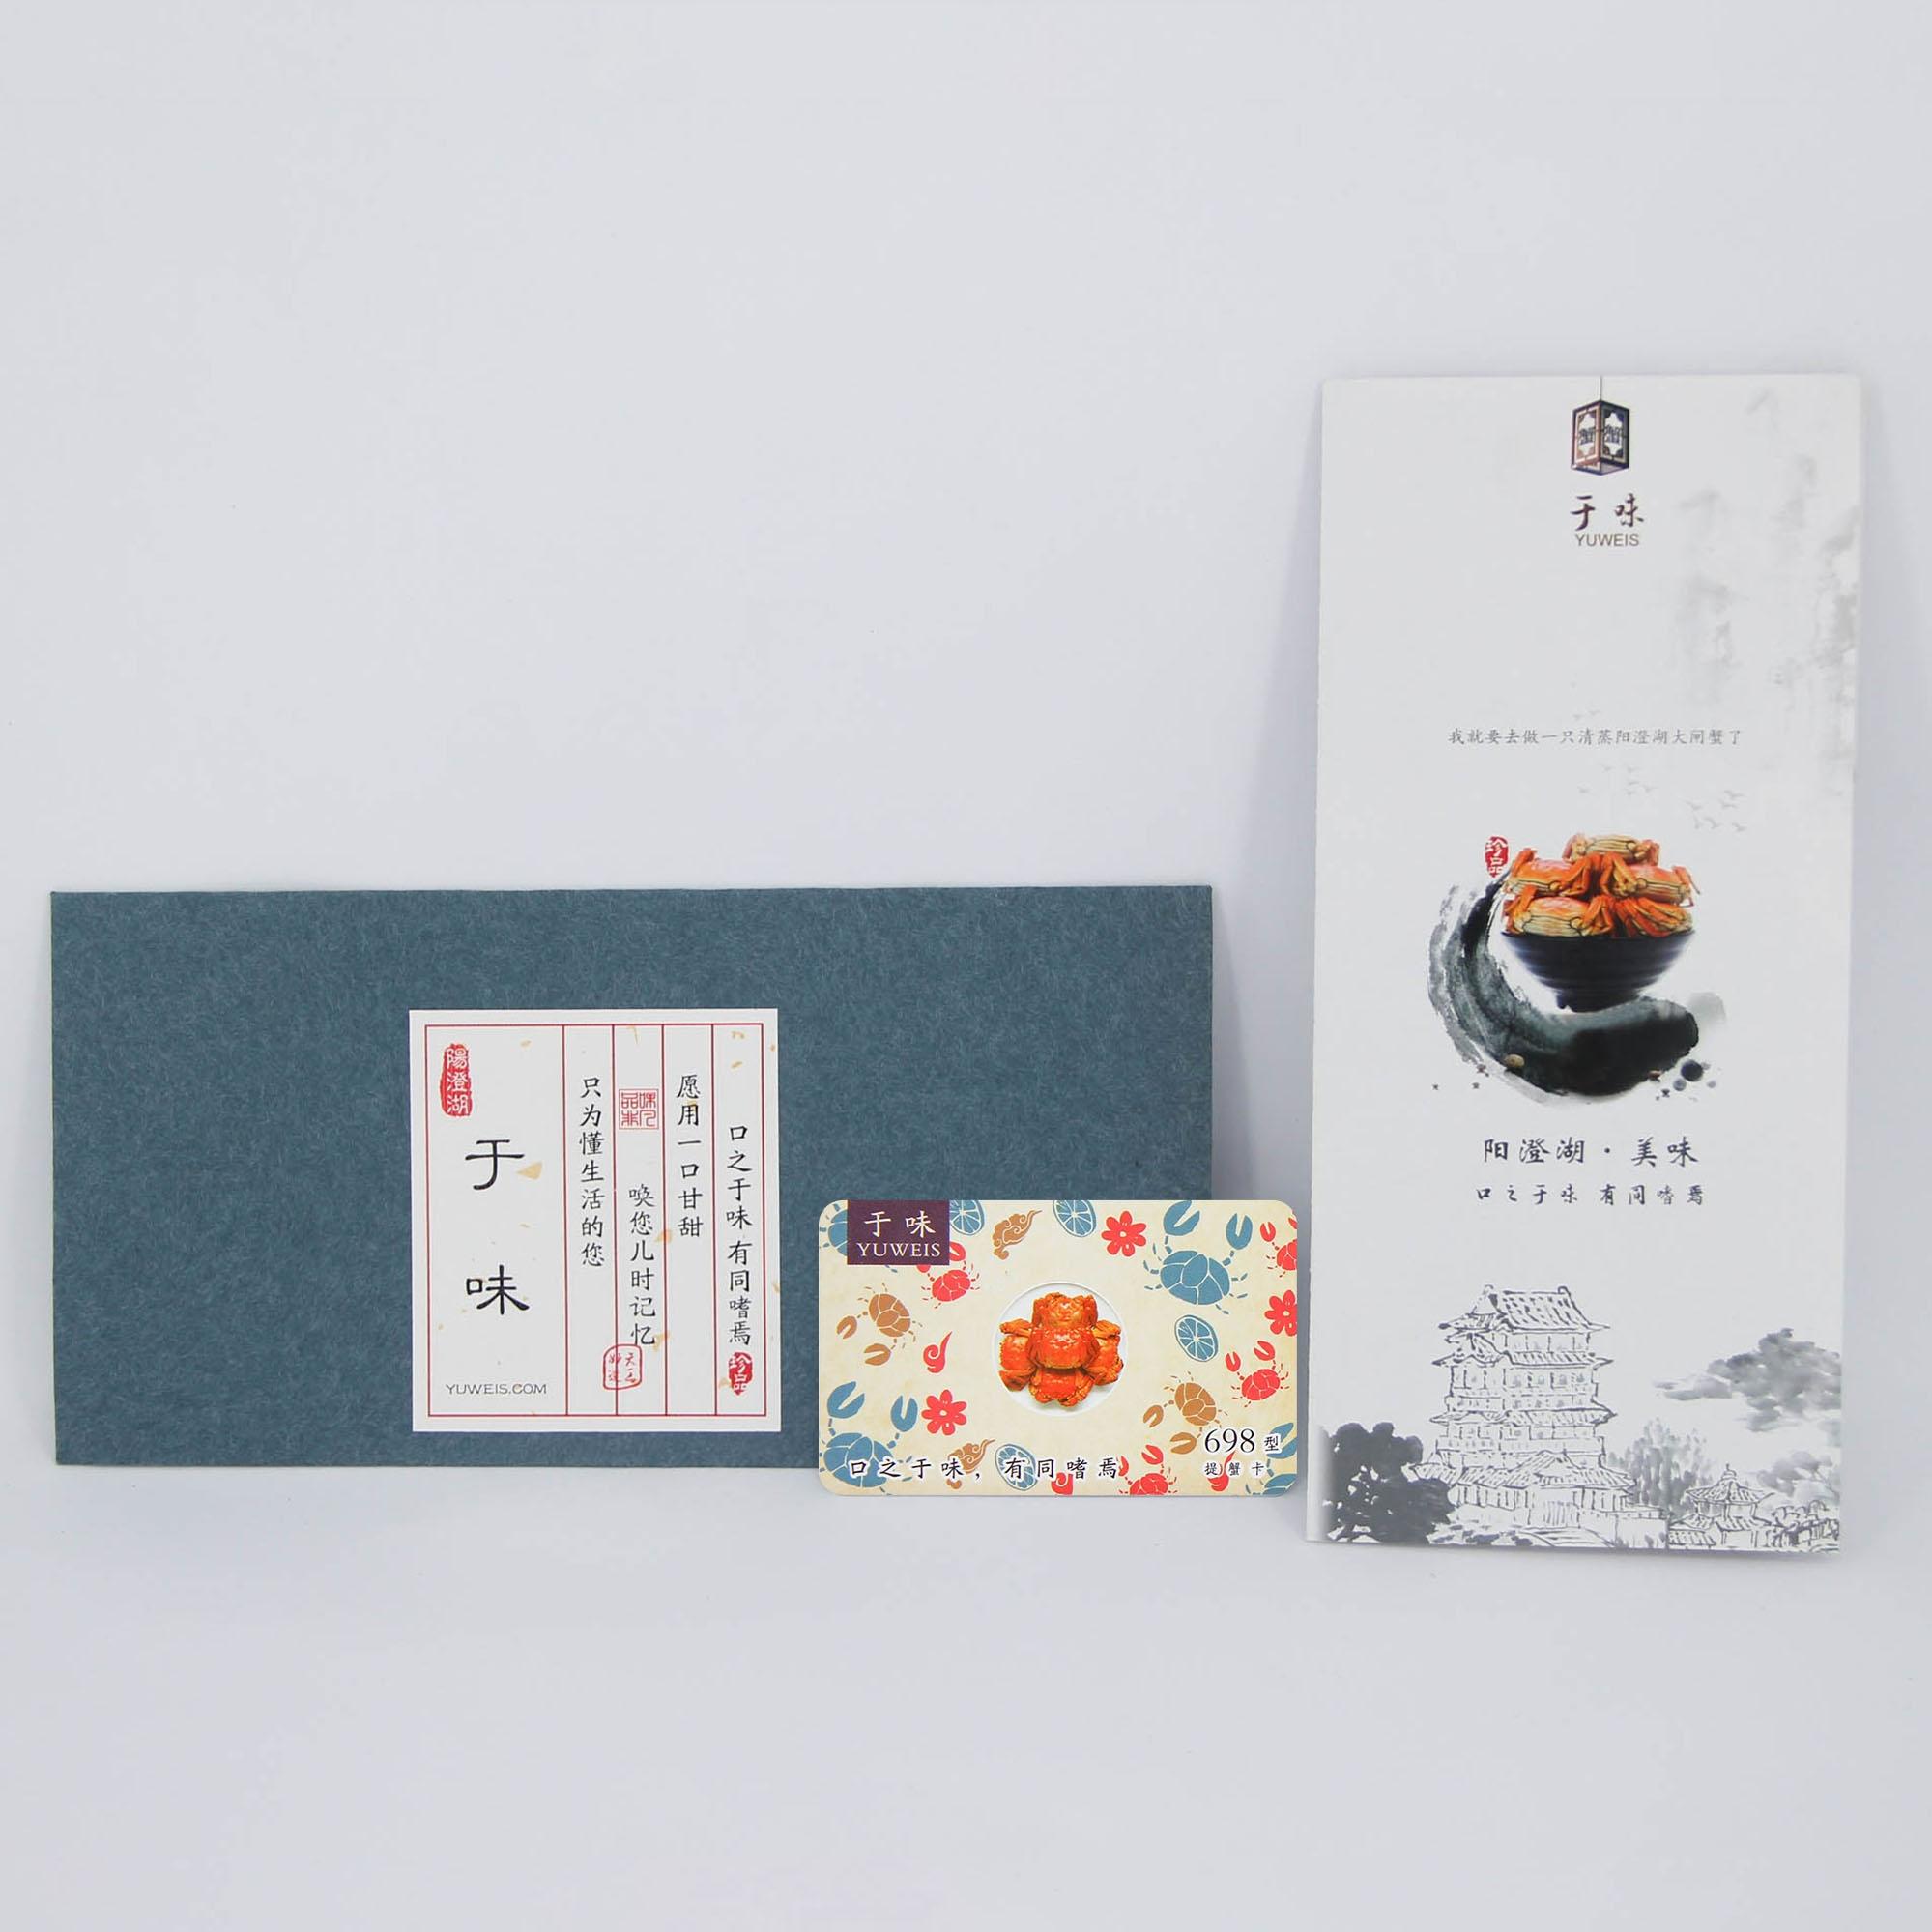 阳澄湖大闸蟹 698型(3.5-3.9公*4只,2.5-2.9母*4只)提货卡 精品系列礼盒装